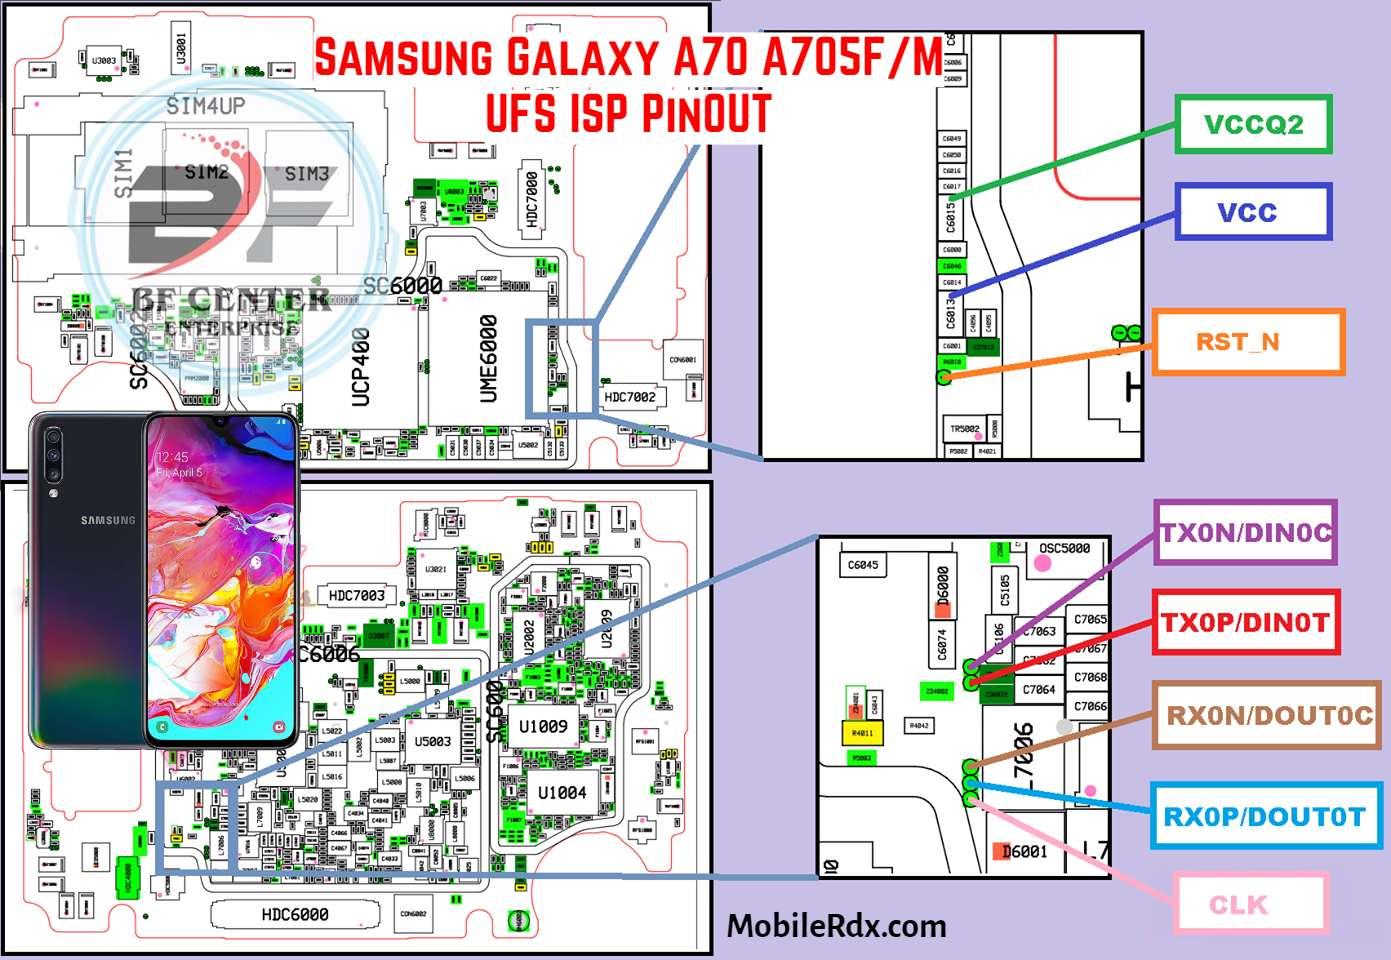 Samsung Galaxy A70 A705F M UFS ISP PinOUT   Test Point